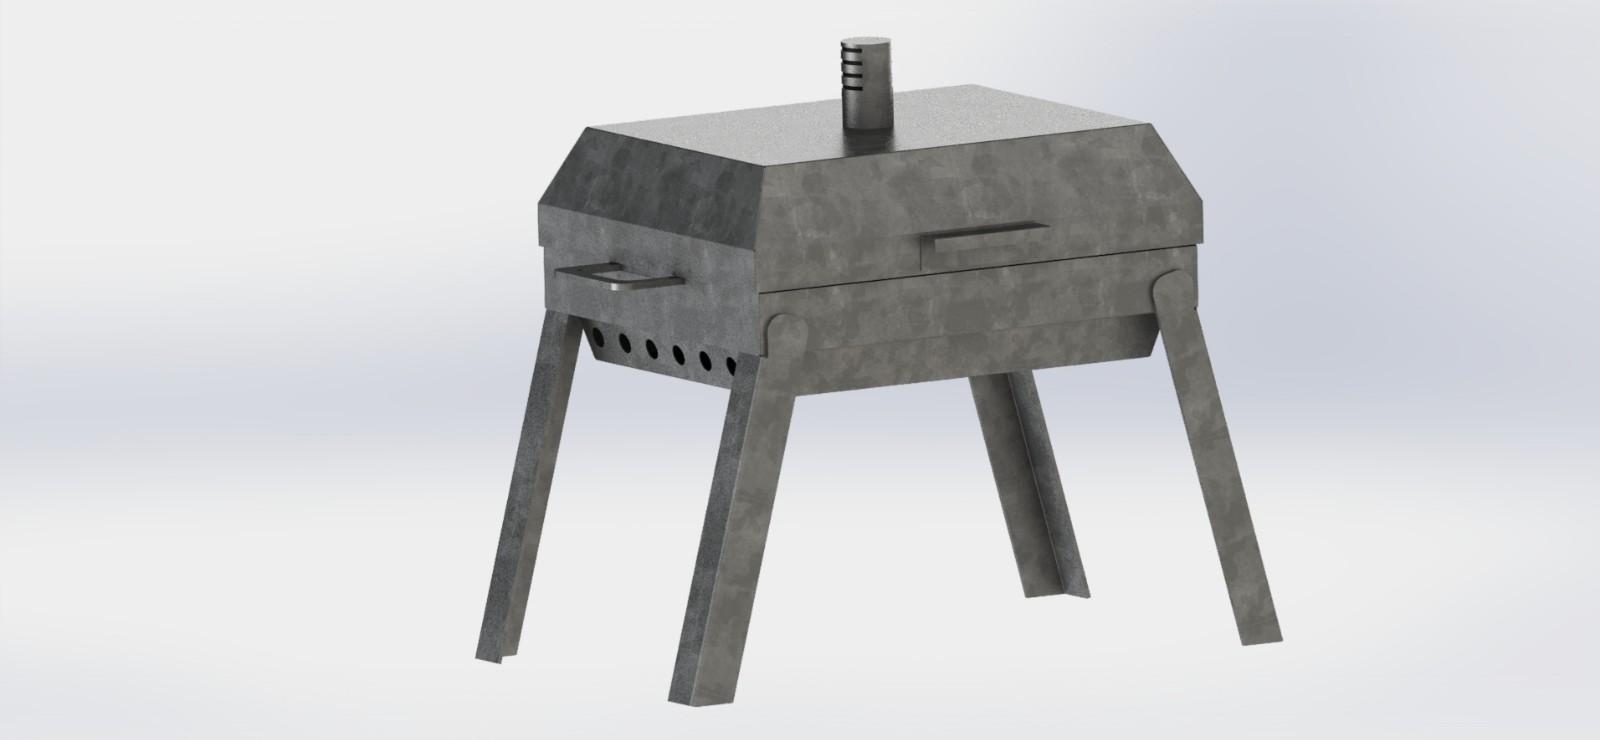 SolidWorks钣金模型:铁制烧烤炉